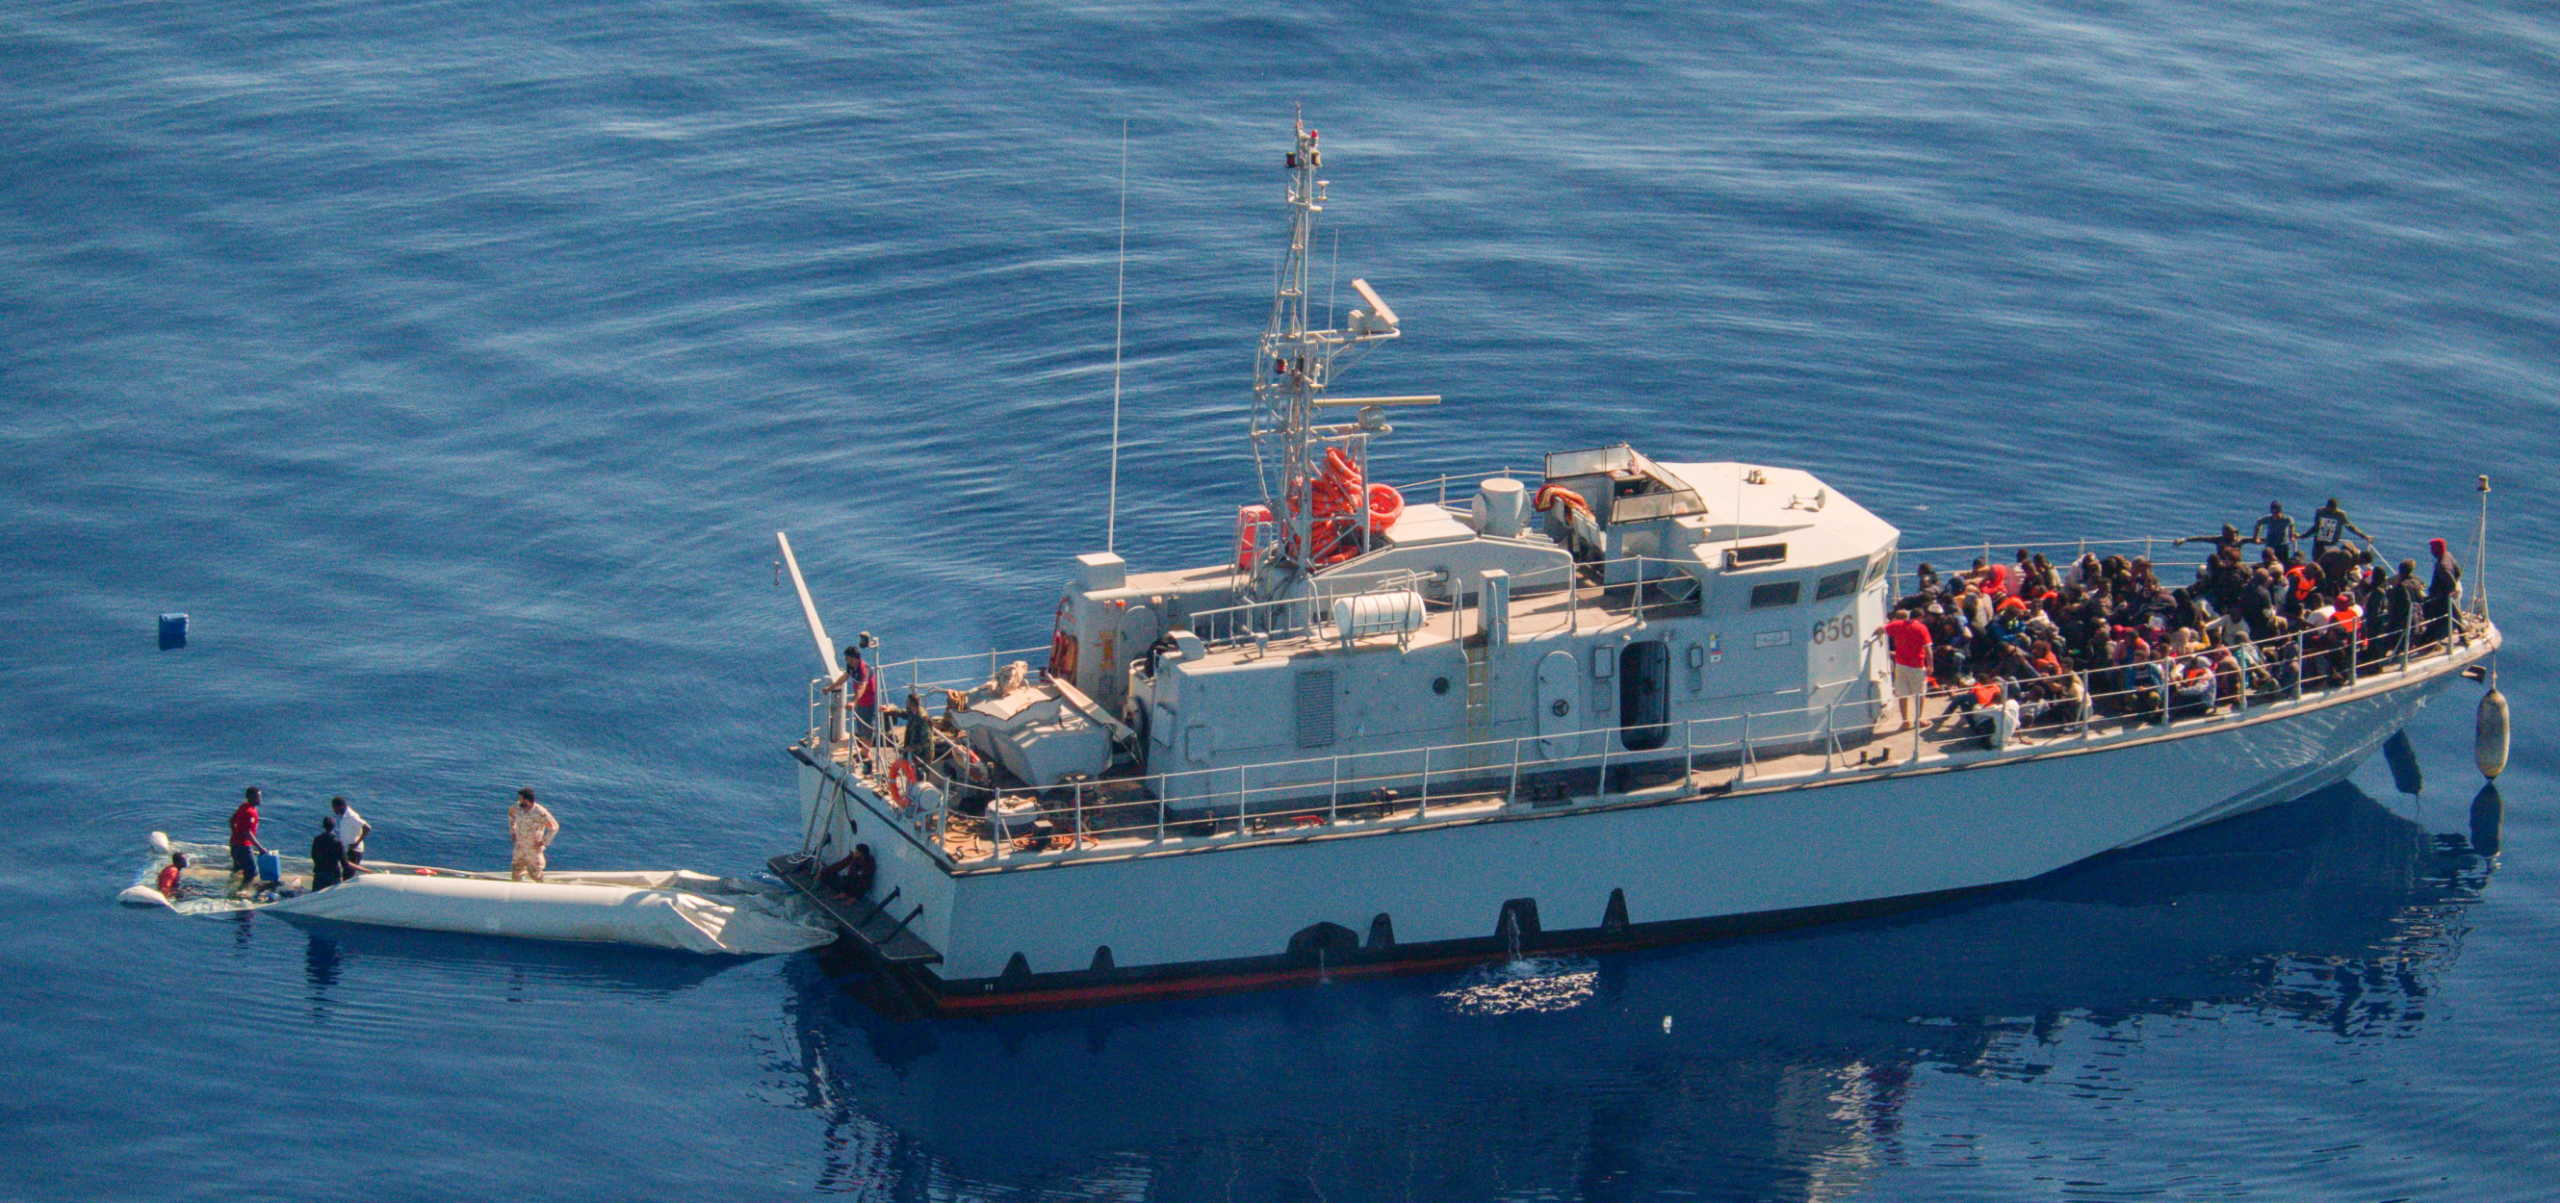 Μεσόγειος: Φόβοι για τραγωδίες μεταναστών που δεν θα δει κανείς